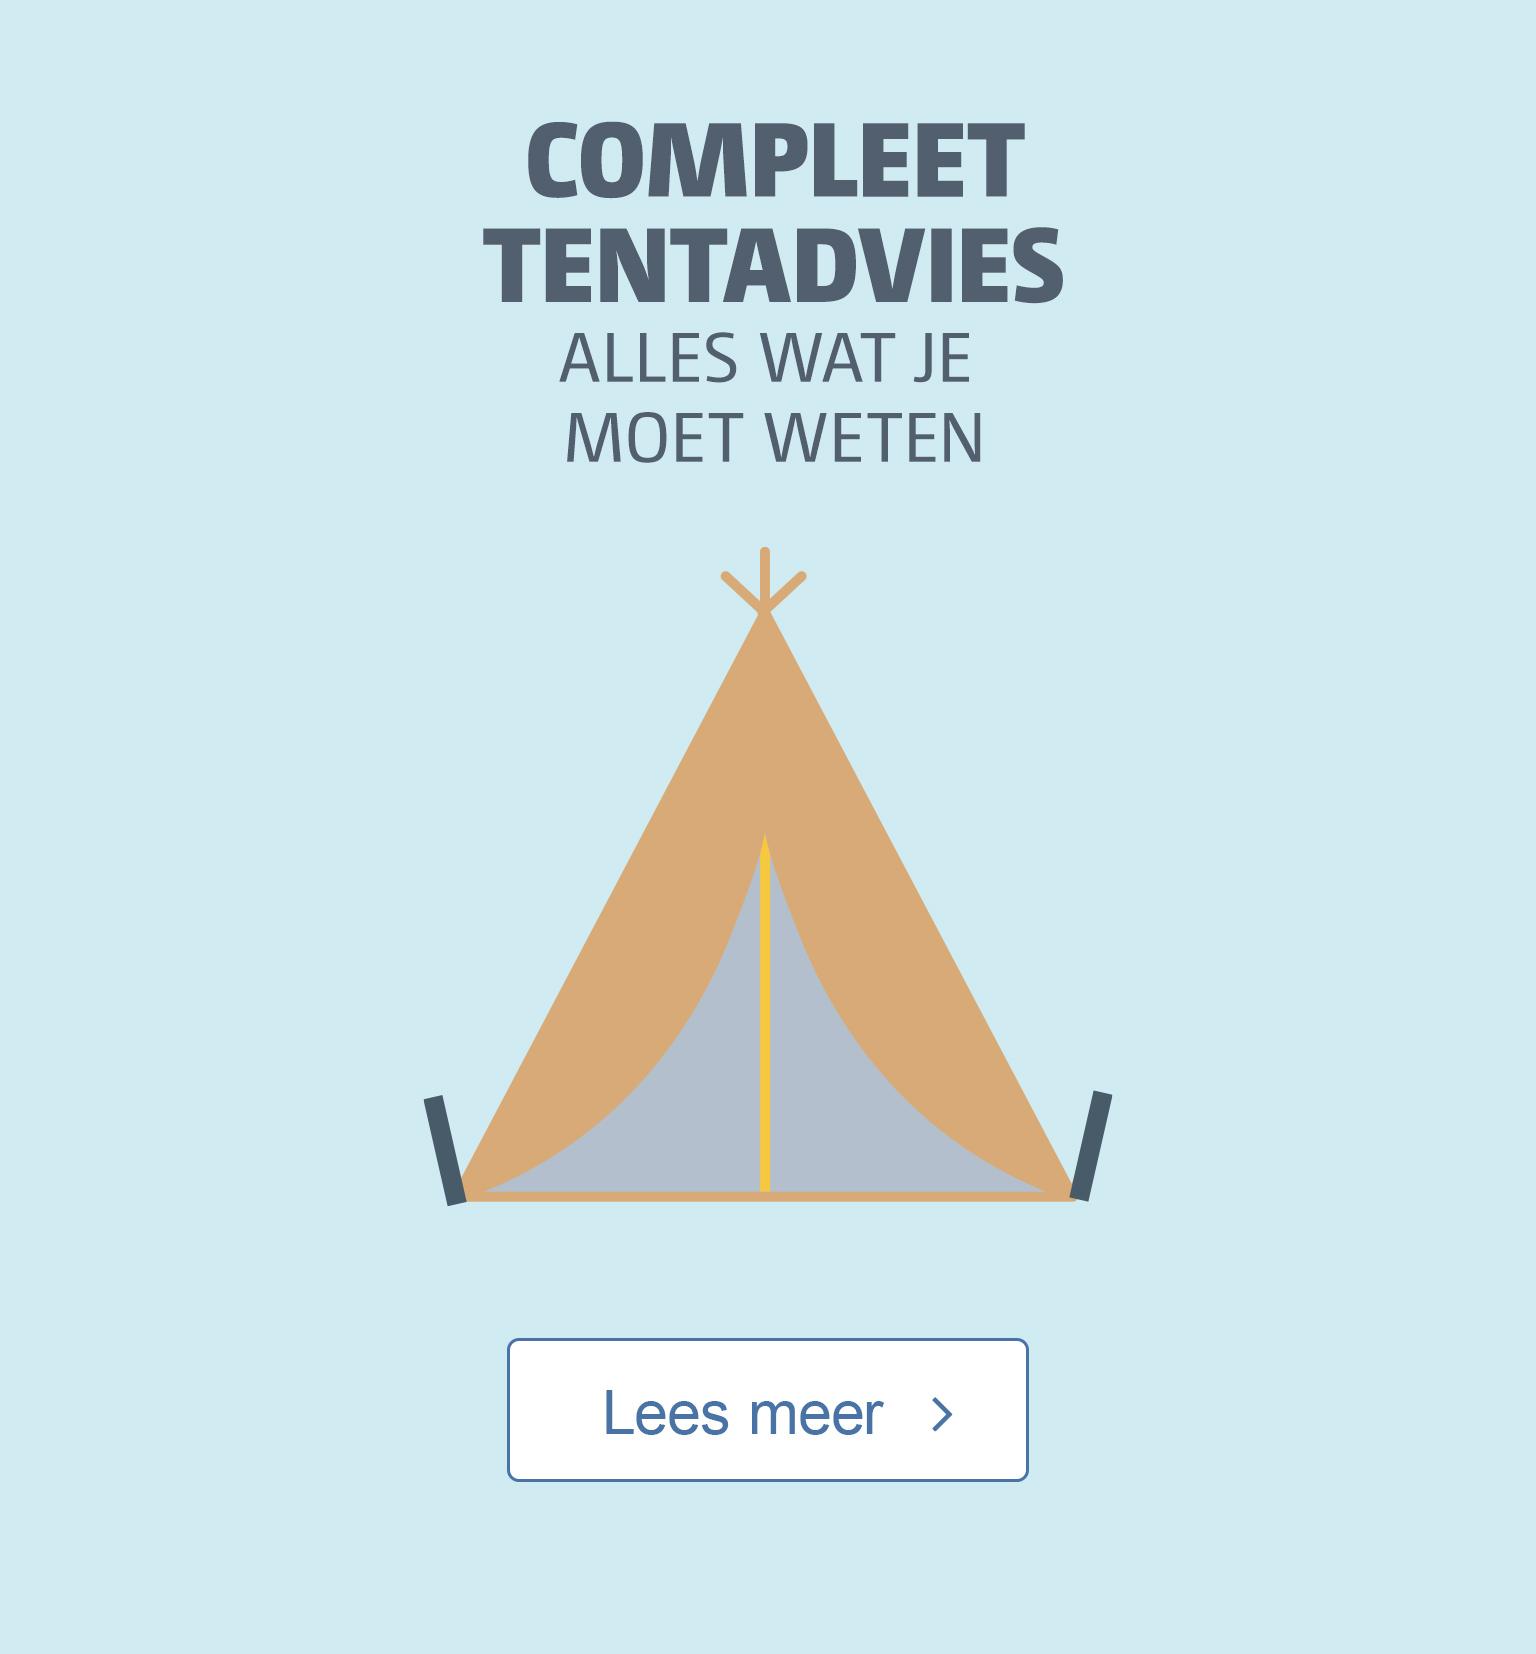 Trekkingtenten   Koop je Trekkingtenten online bij Bever   Bever